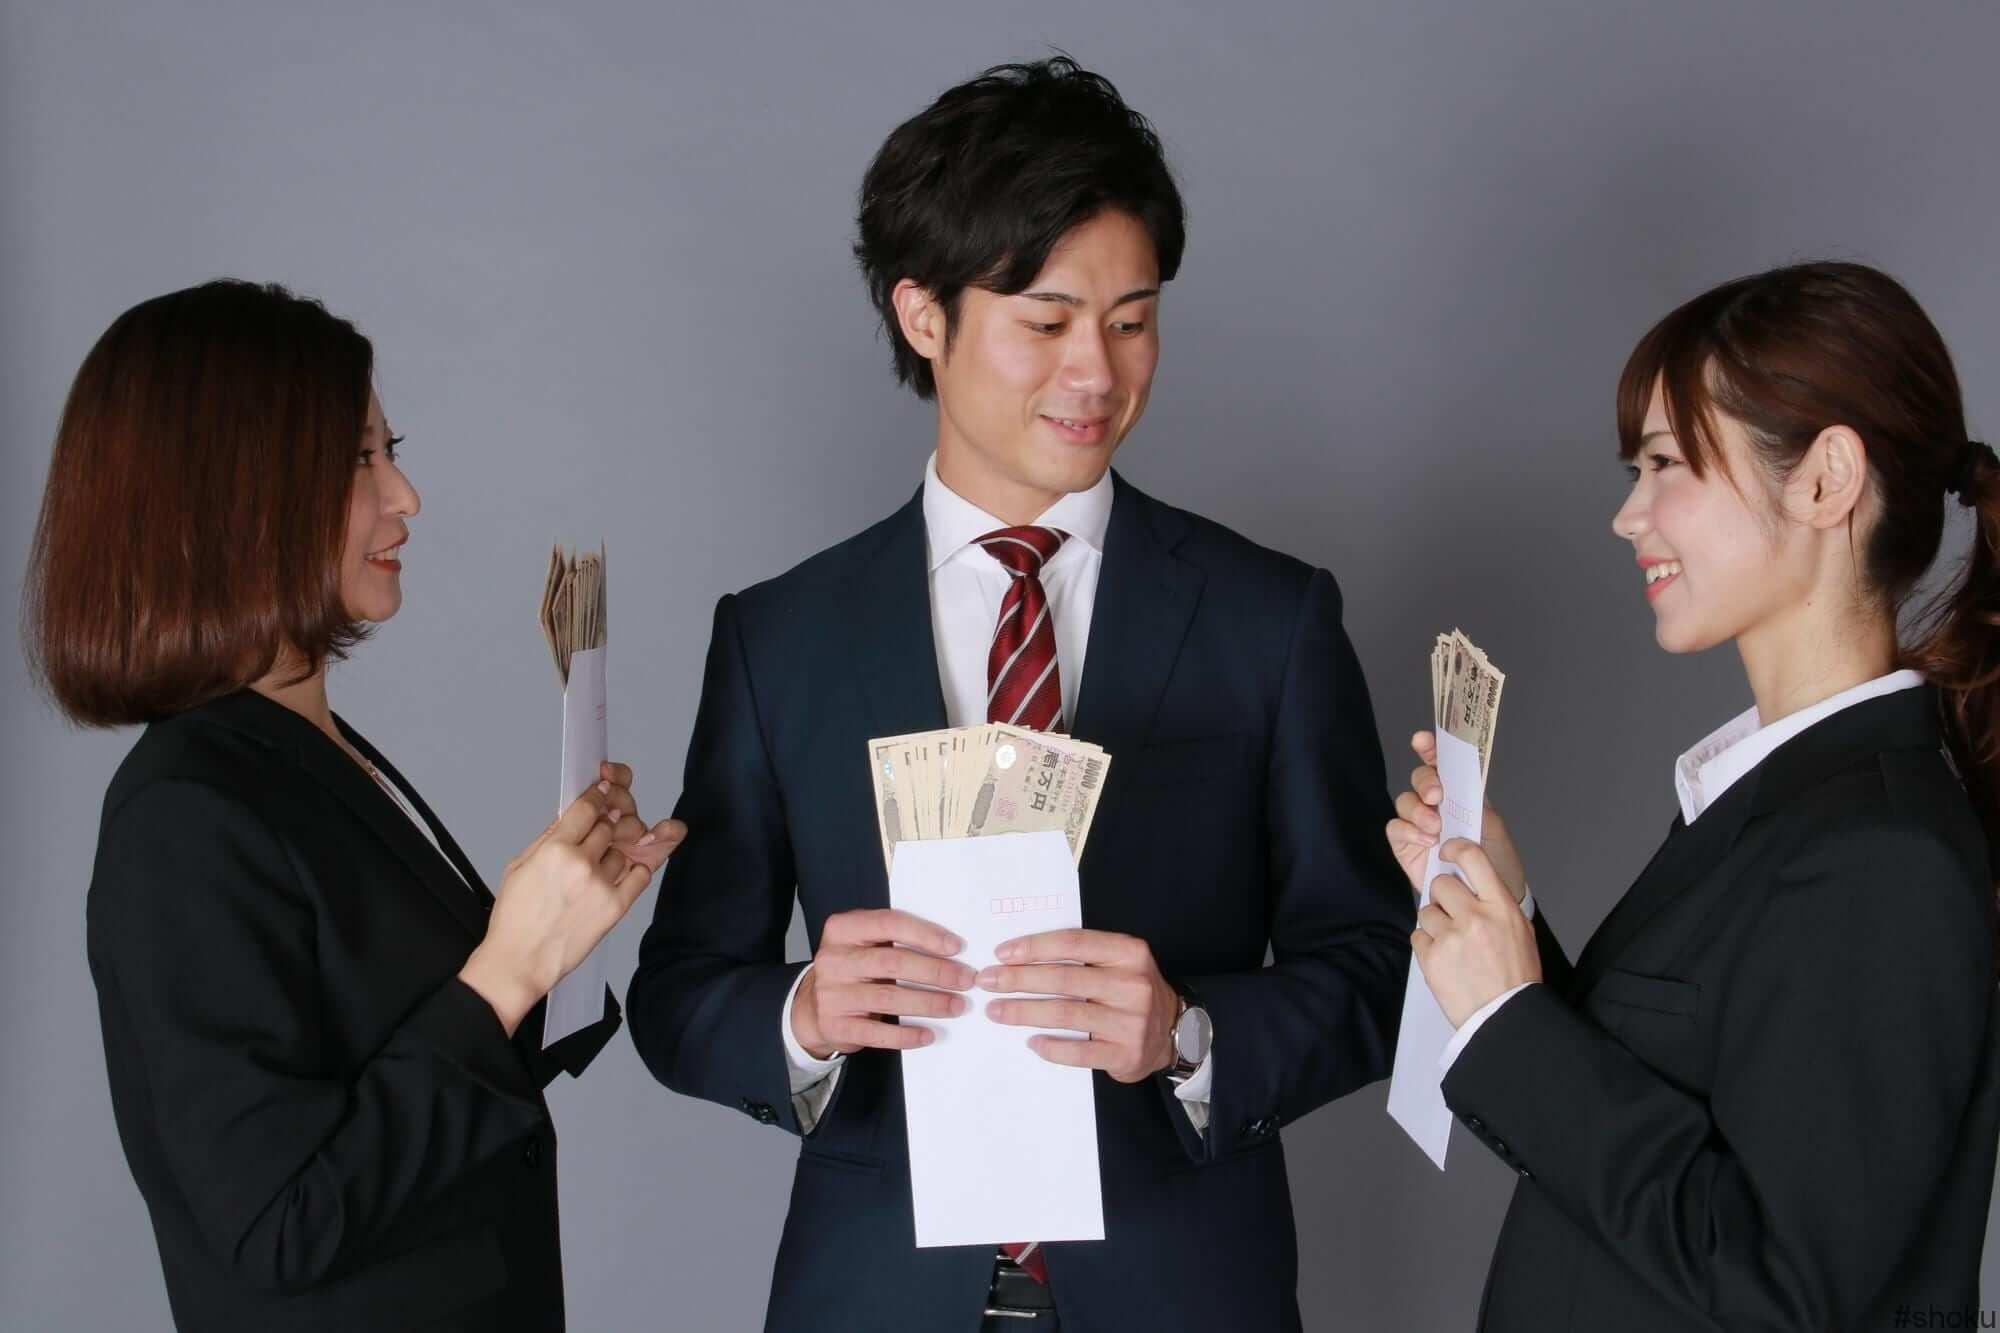 経理の派遣スタッフの給与と手取り額を比べ合う人々